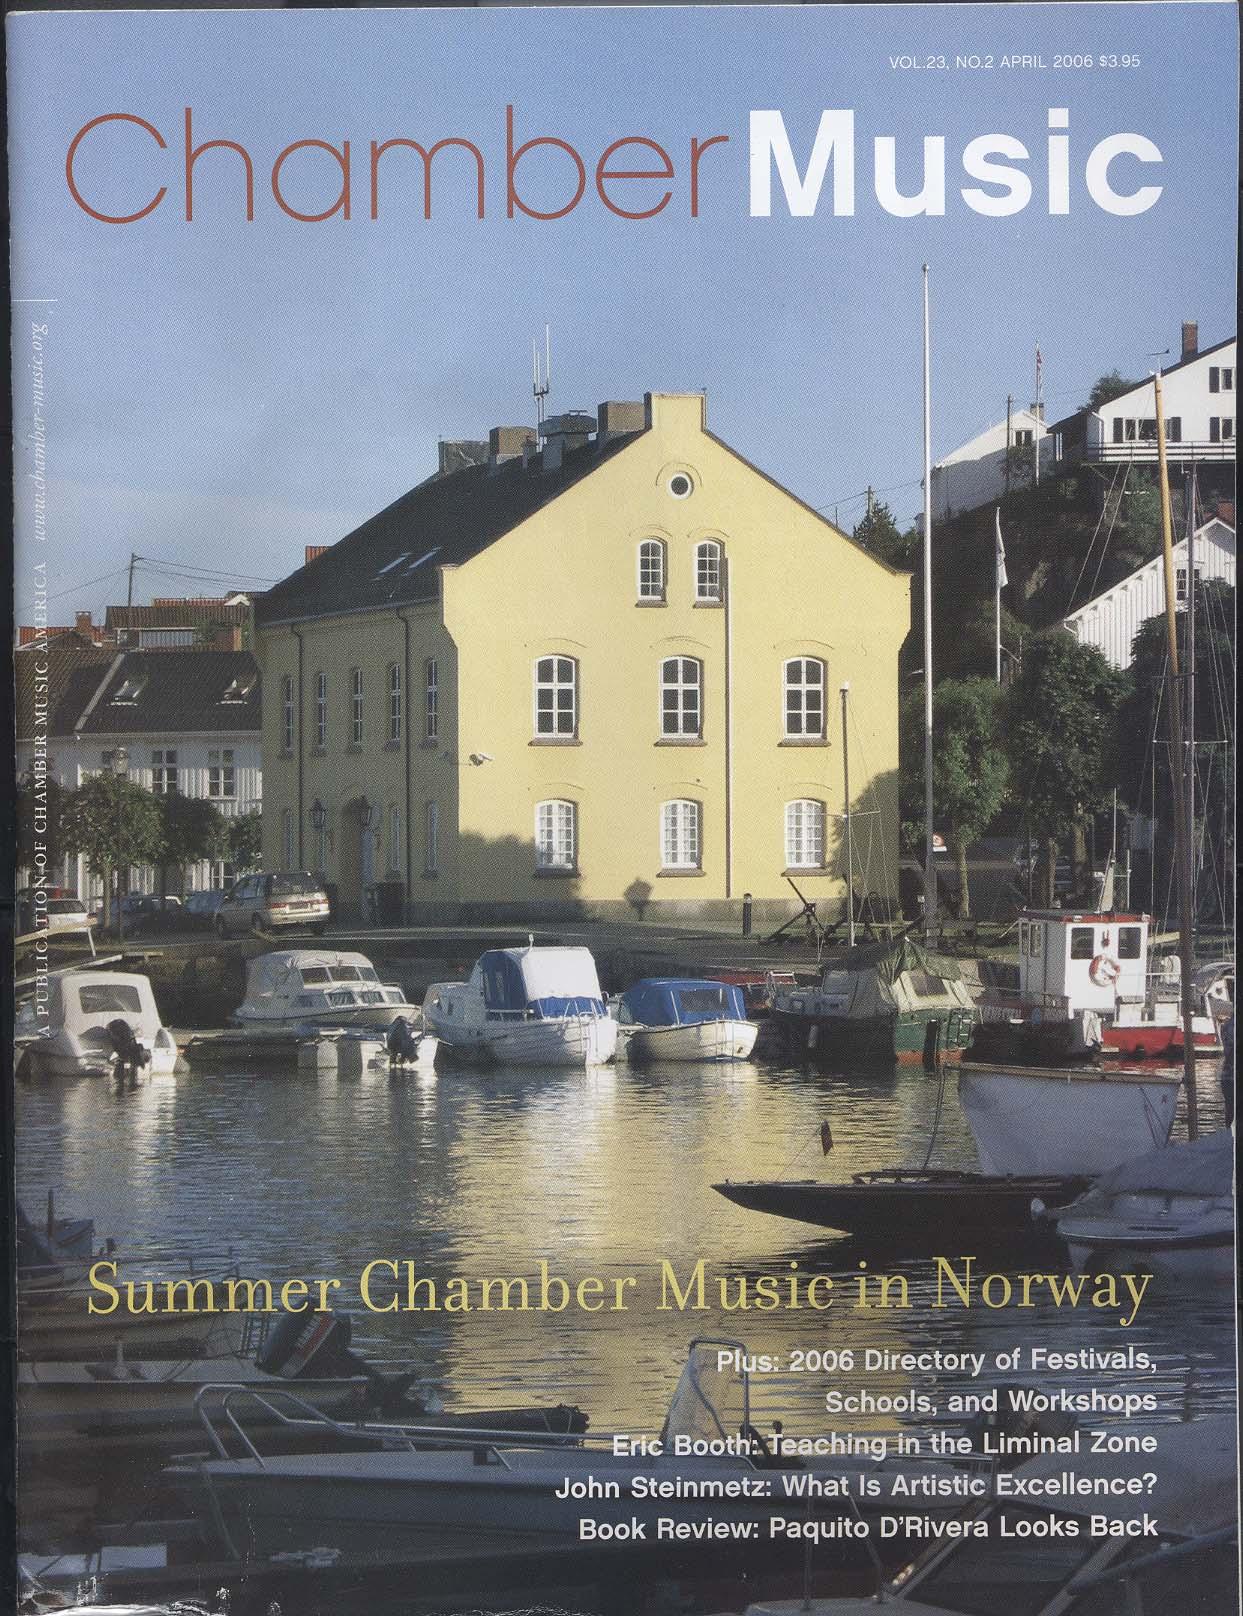 ChamberMusicAmerica Mar.2006 1.cover.jpg